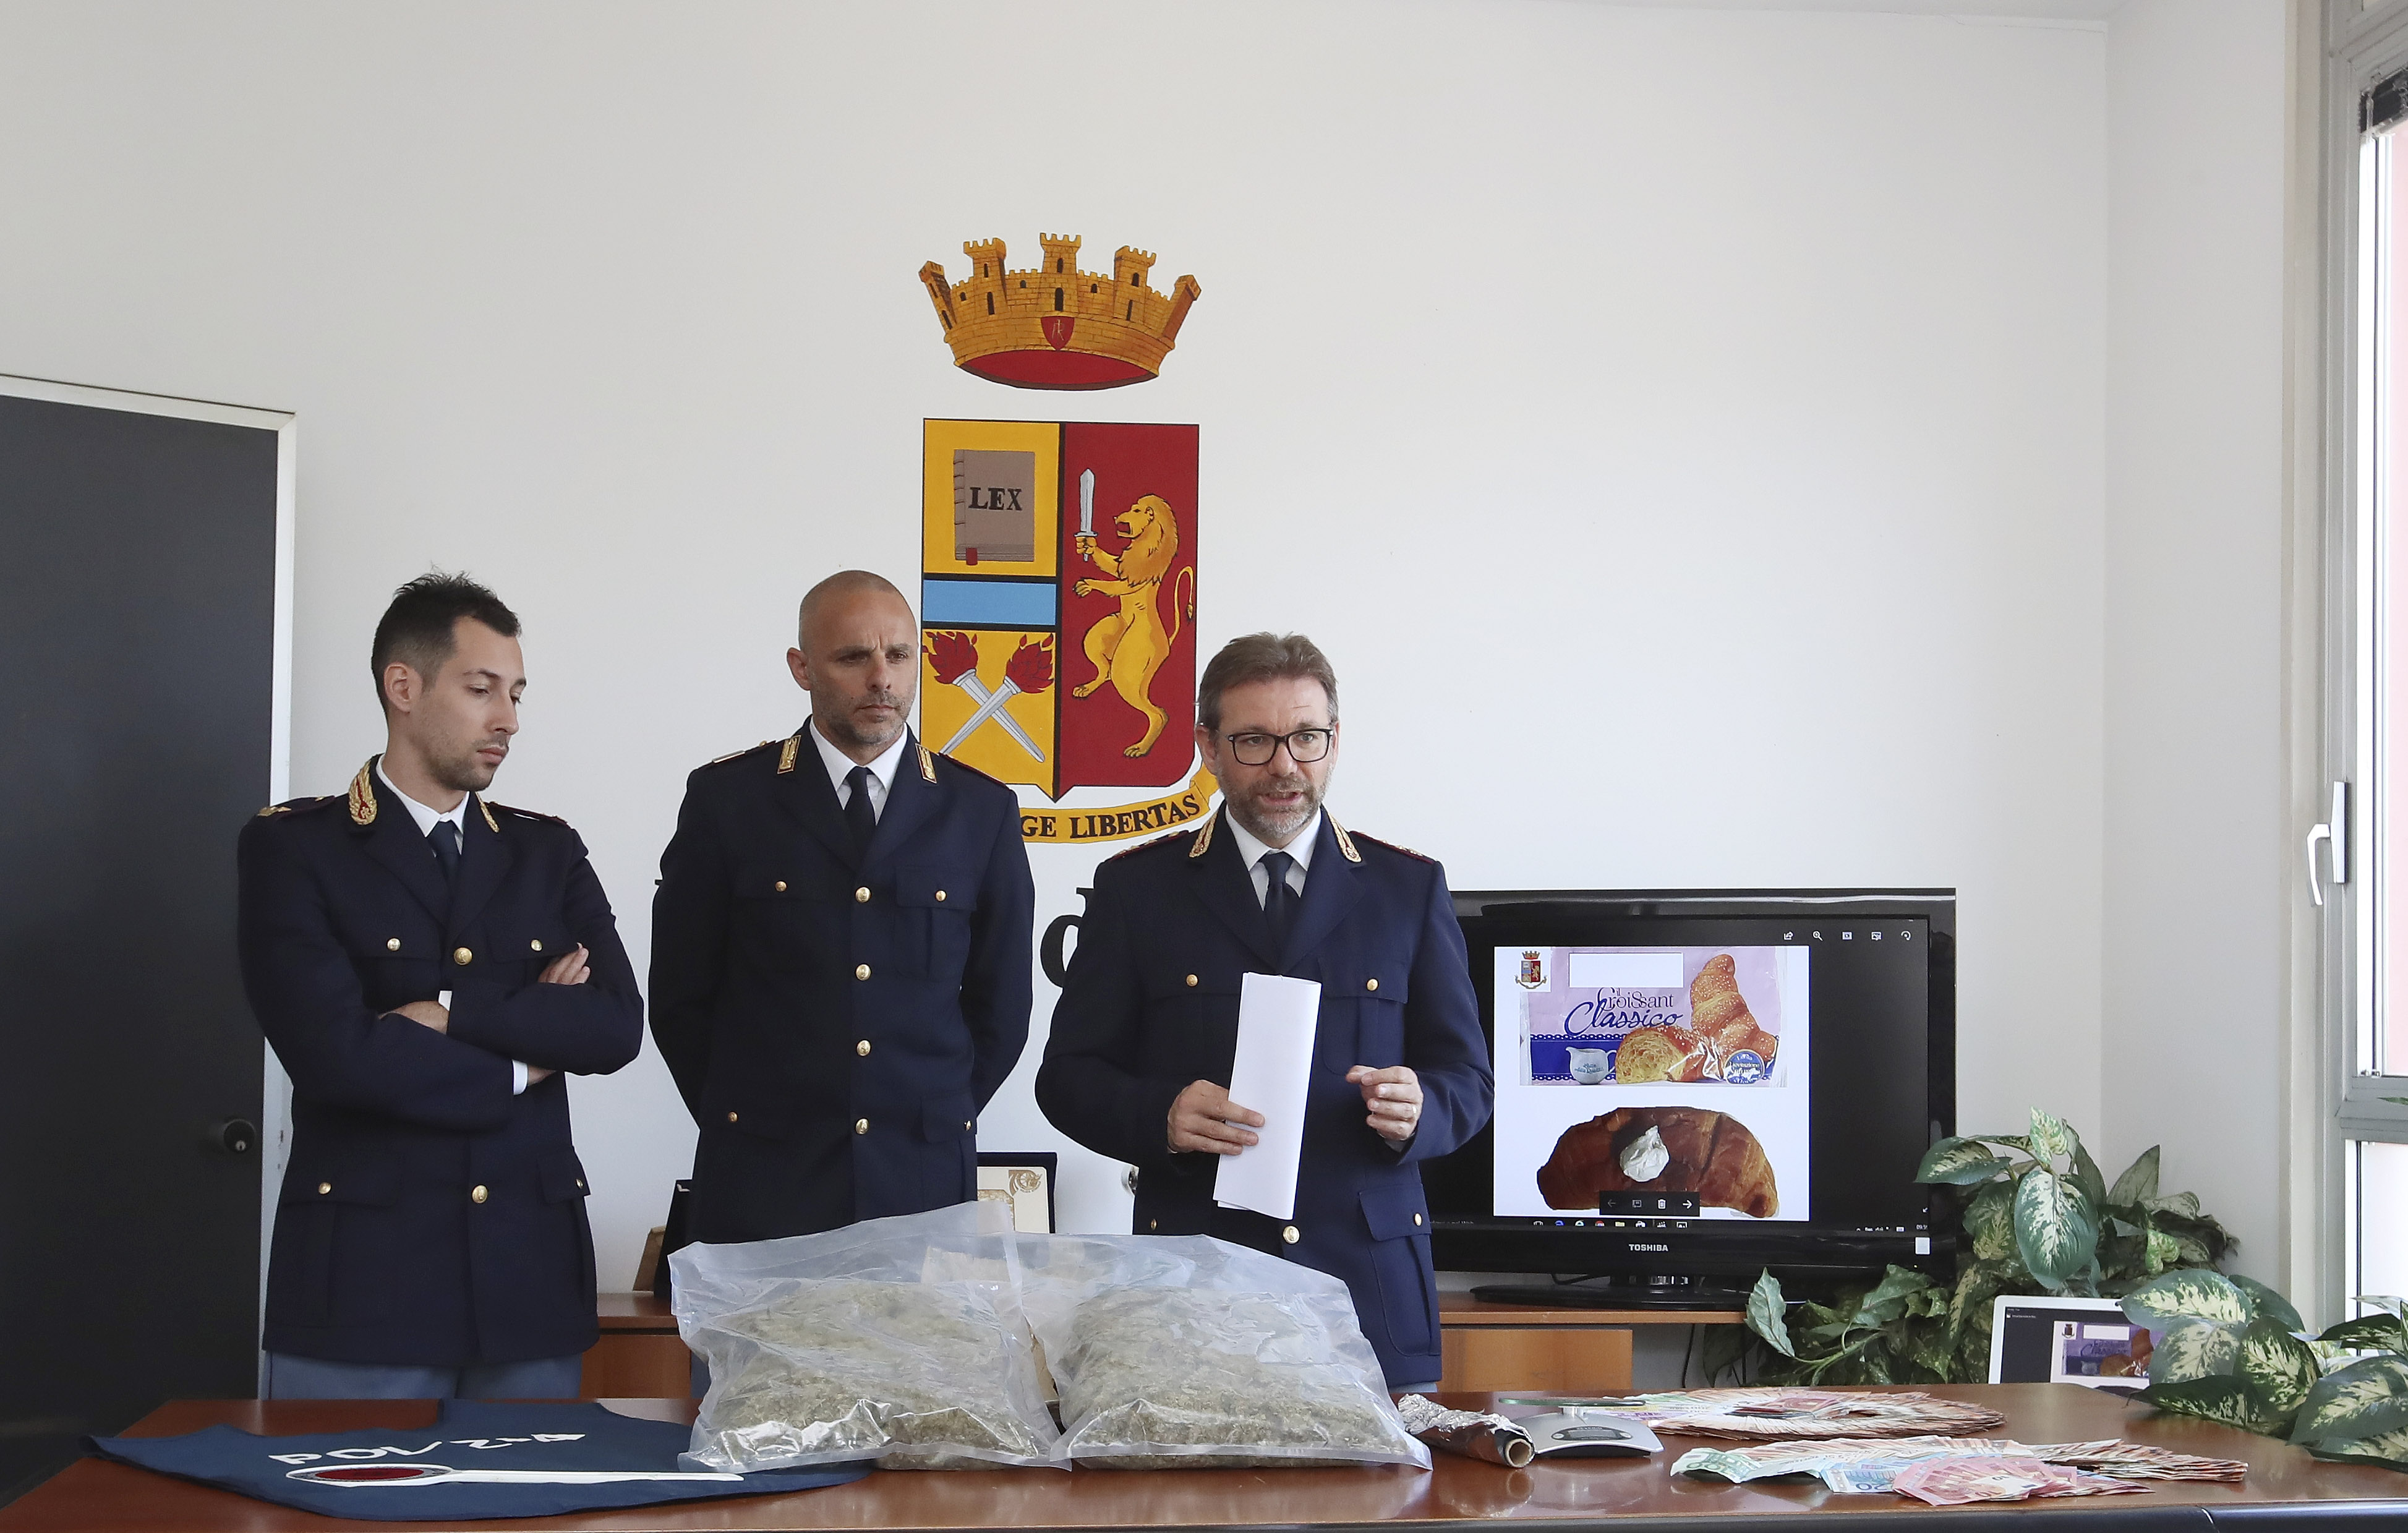 Polizia di Stato - Questure sul web - Brescia